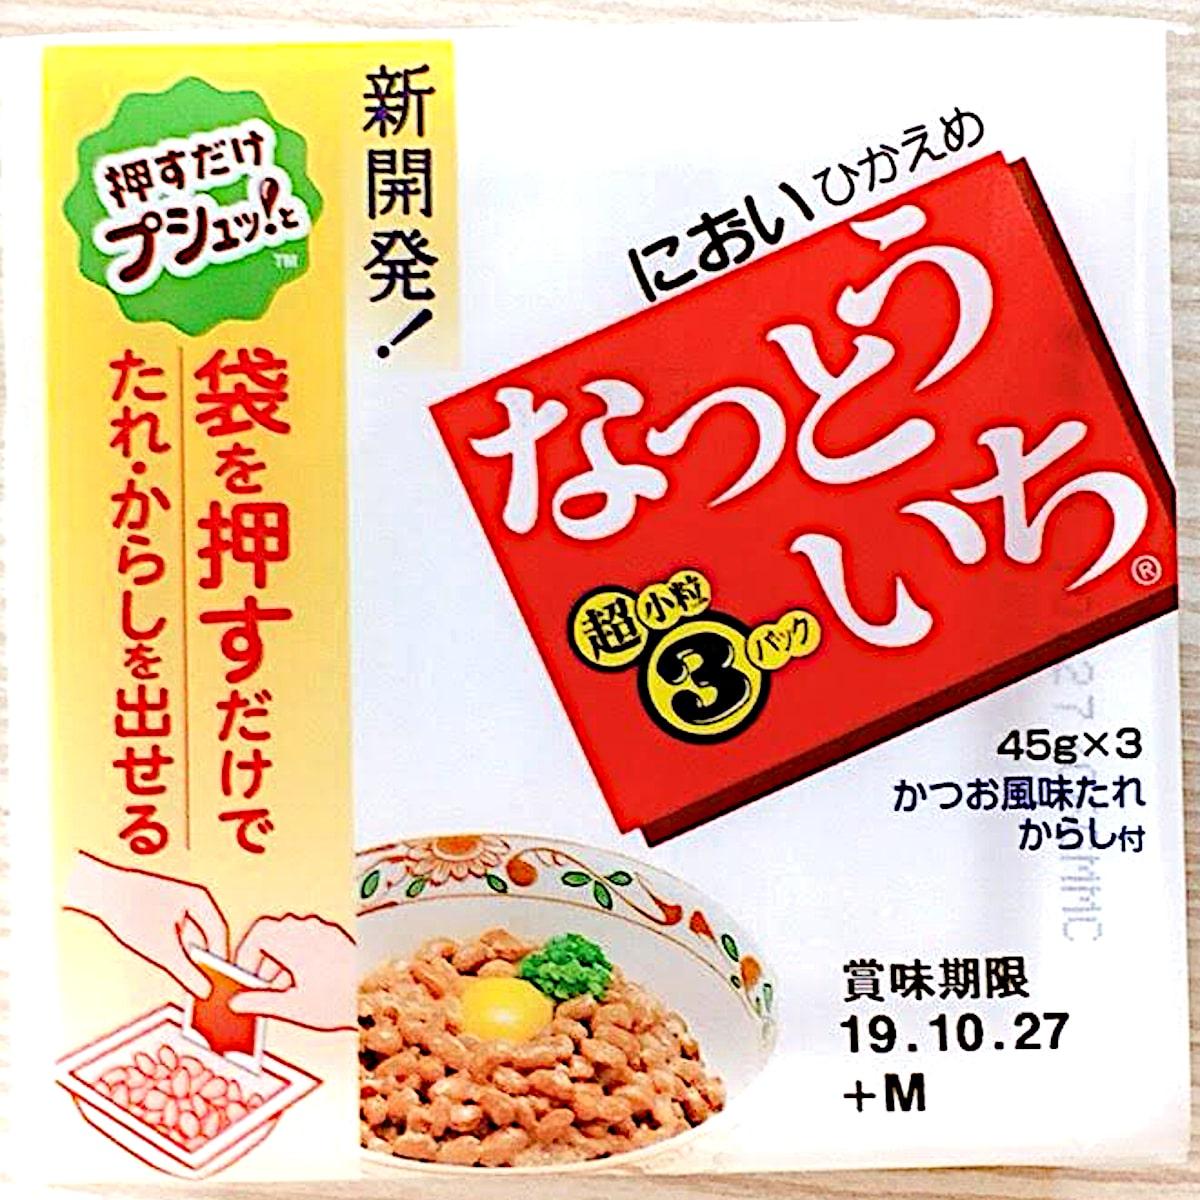 ミツカン(旭松食品)「なっとういち」